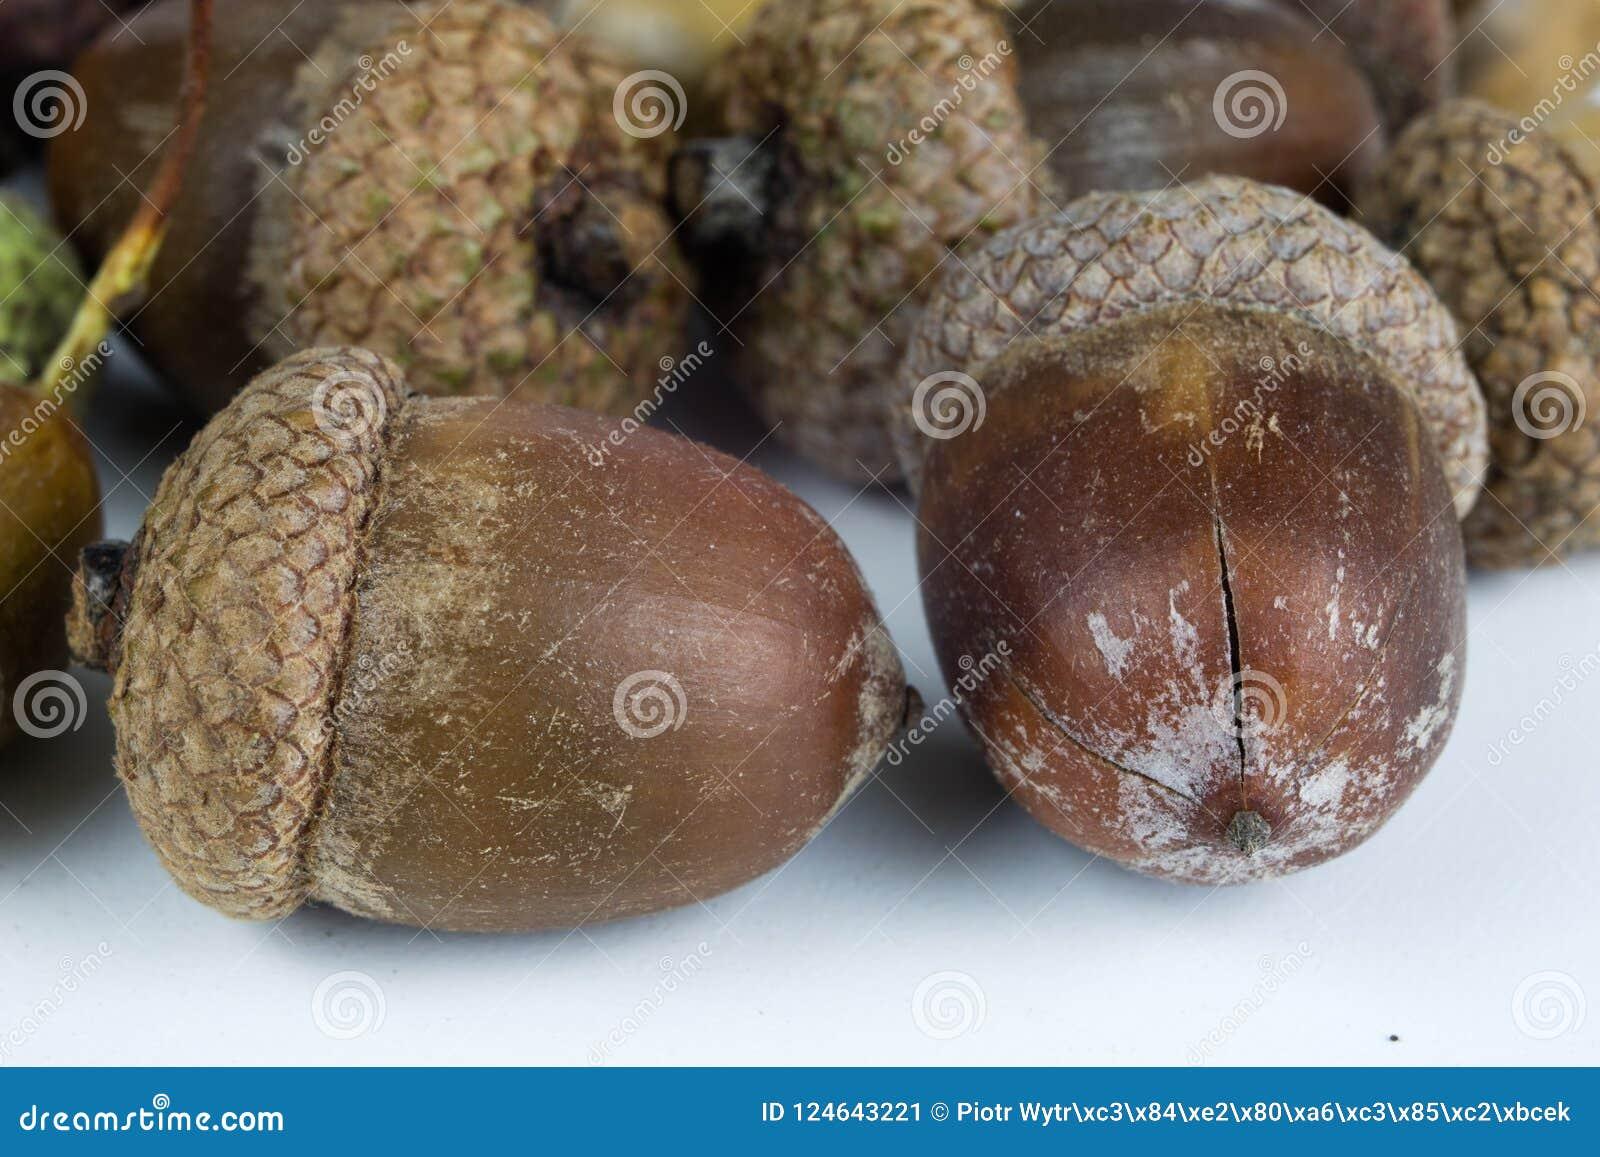 Les graines d arbre ont appelé un chêne sur une table blanche Les glands ont empilé prochain t